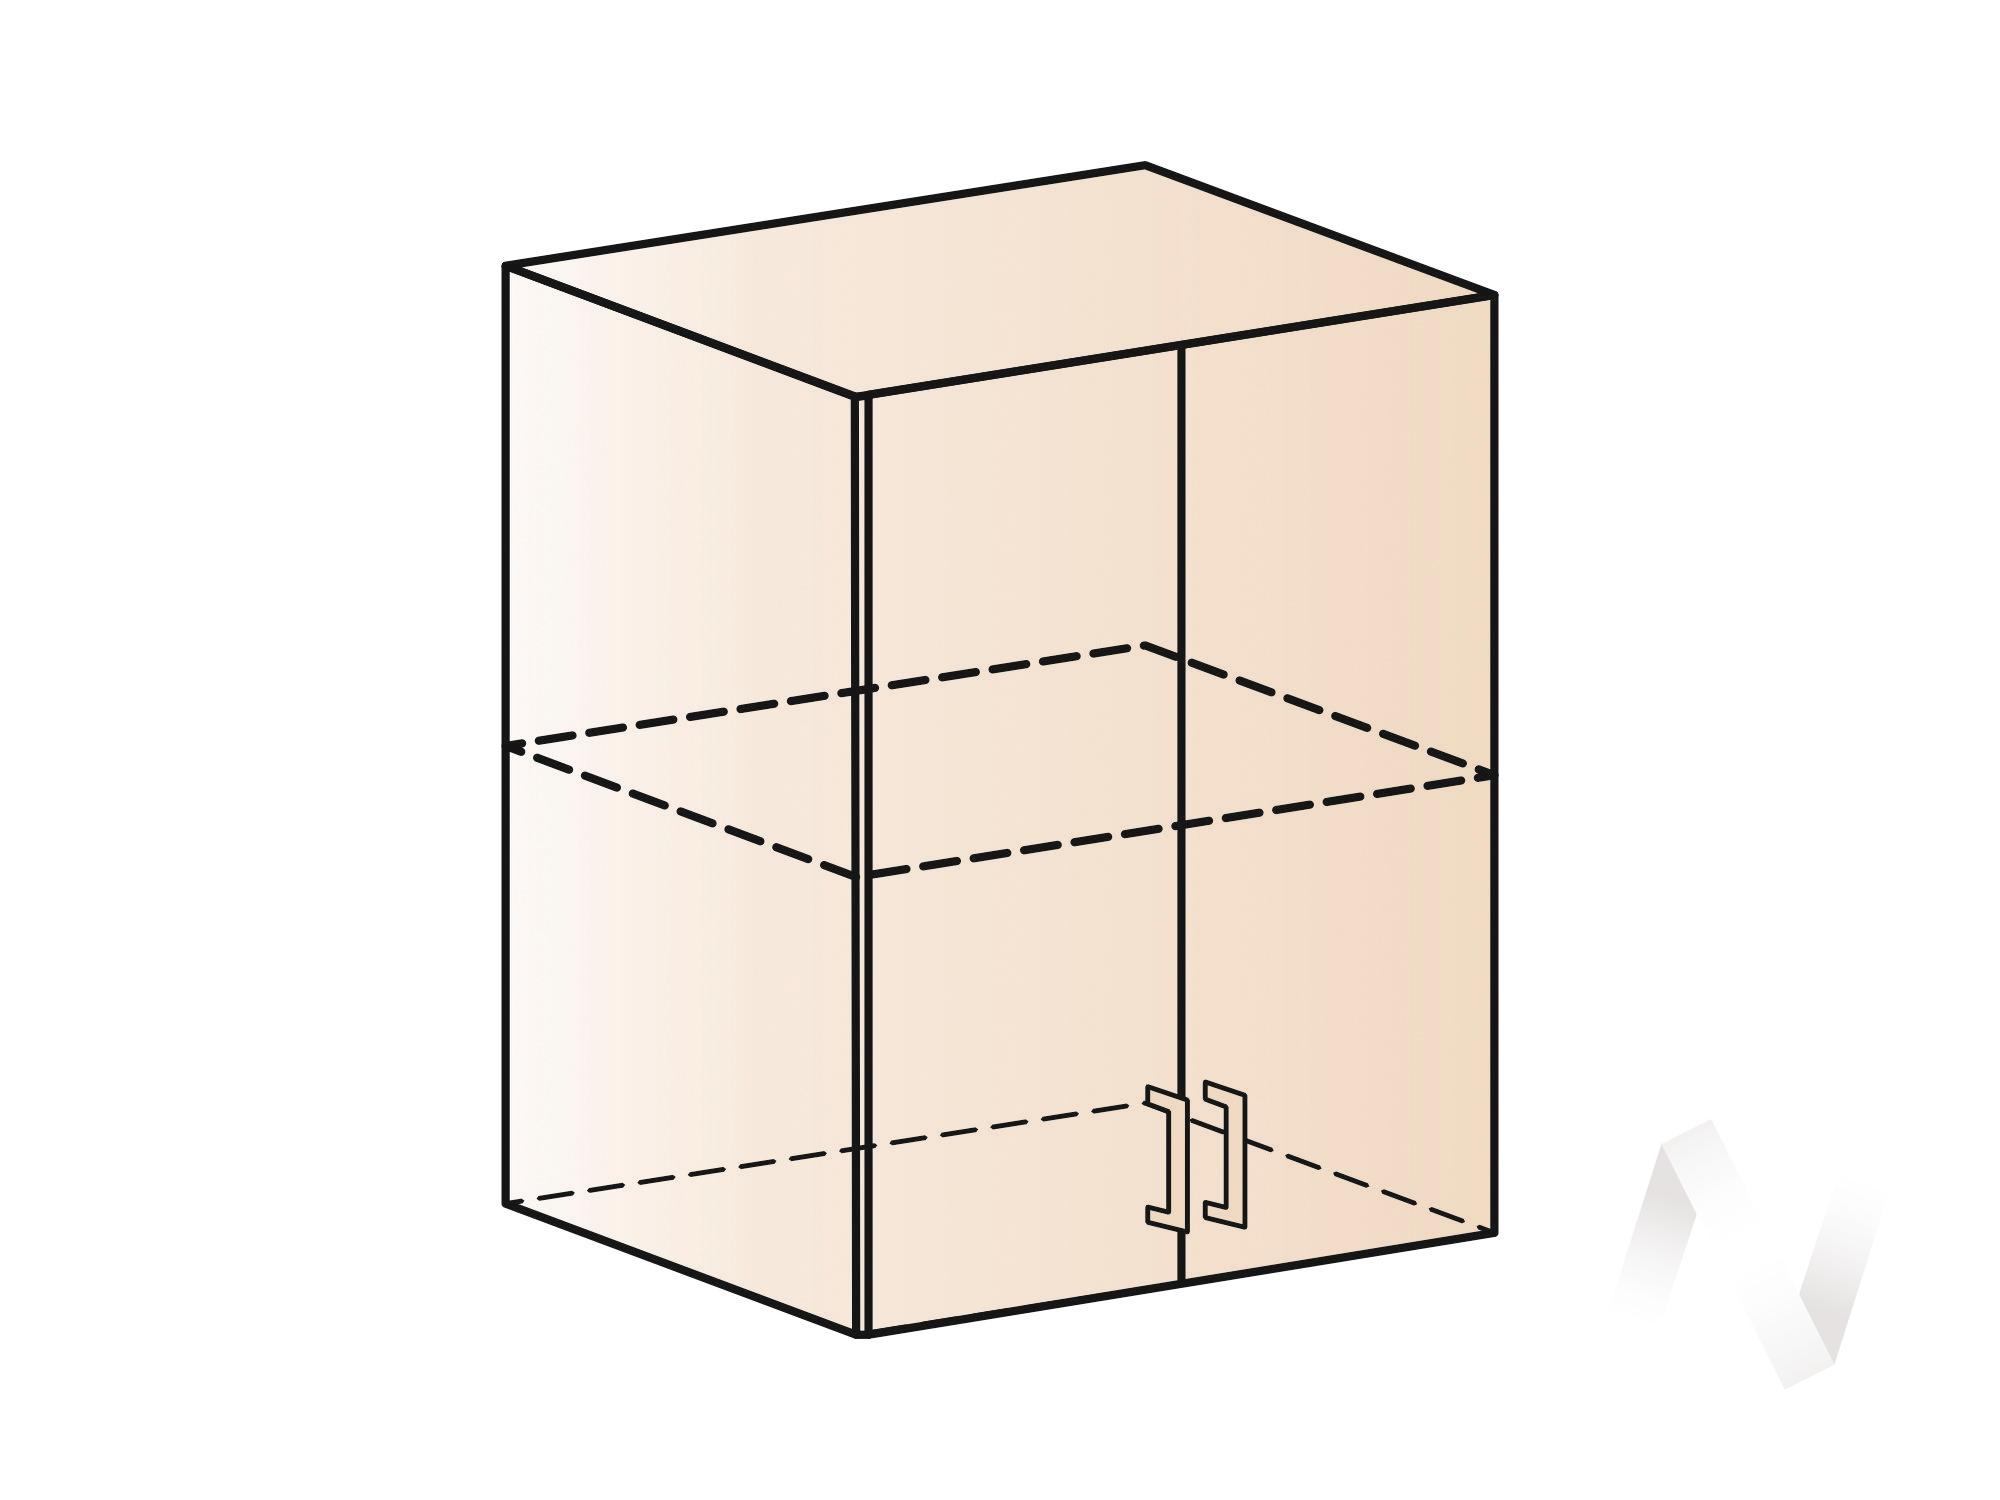 """Кухня """"Люкс"""": Шкаф верхний 600, ШВ 600 (Гобелен шампань/корпус белый) в Томске — авторская мебель Экостиль"""